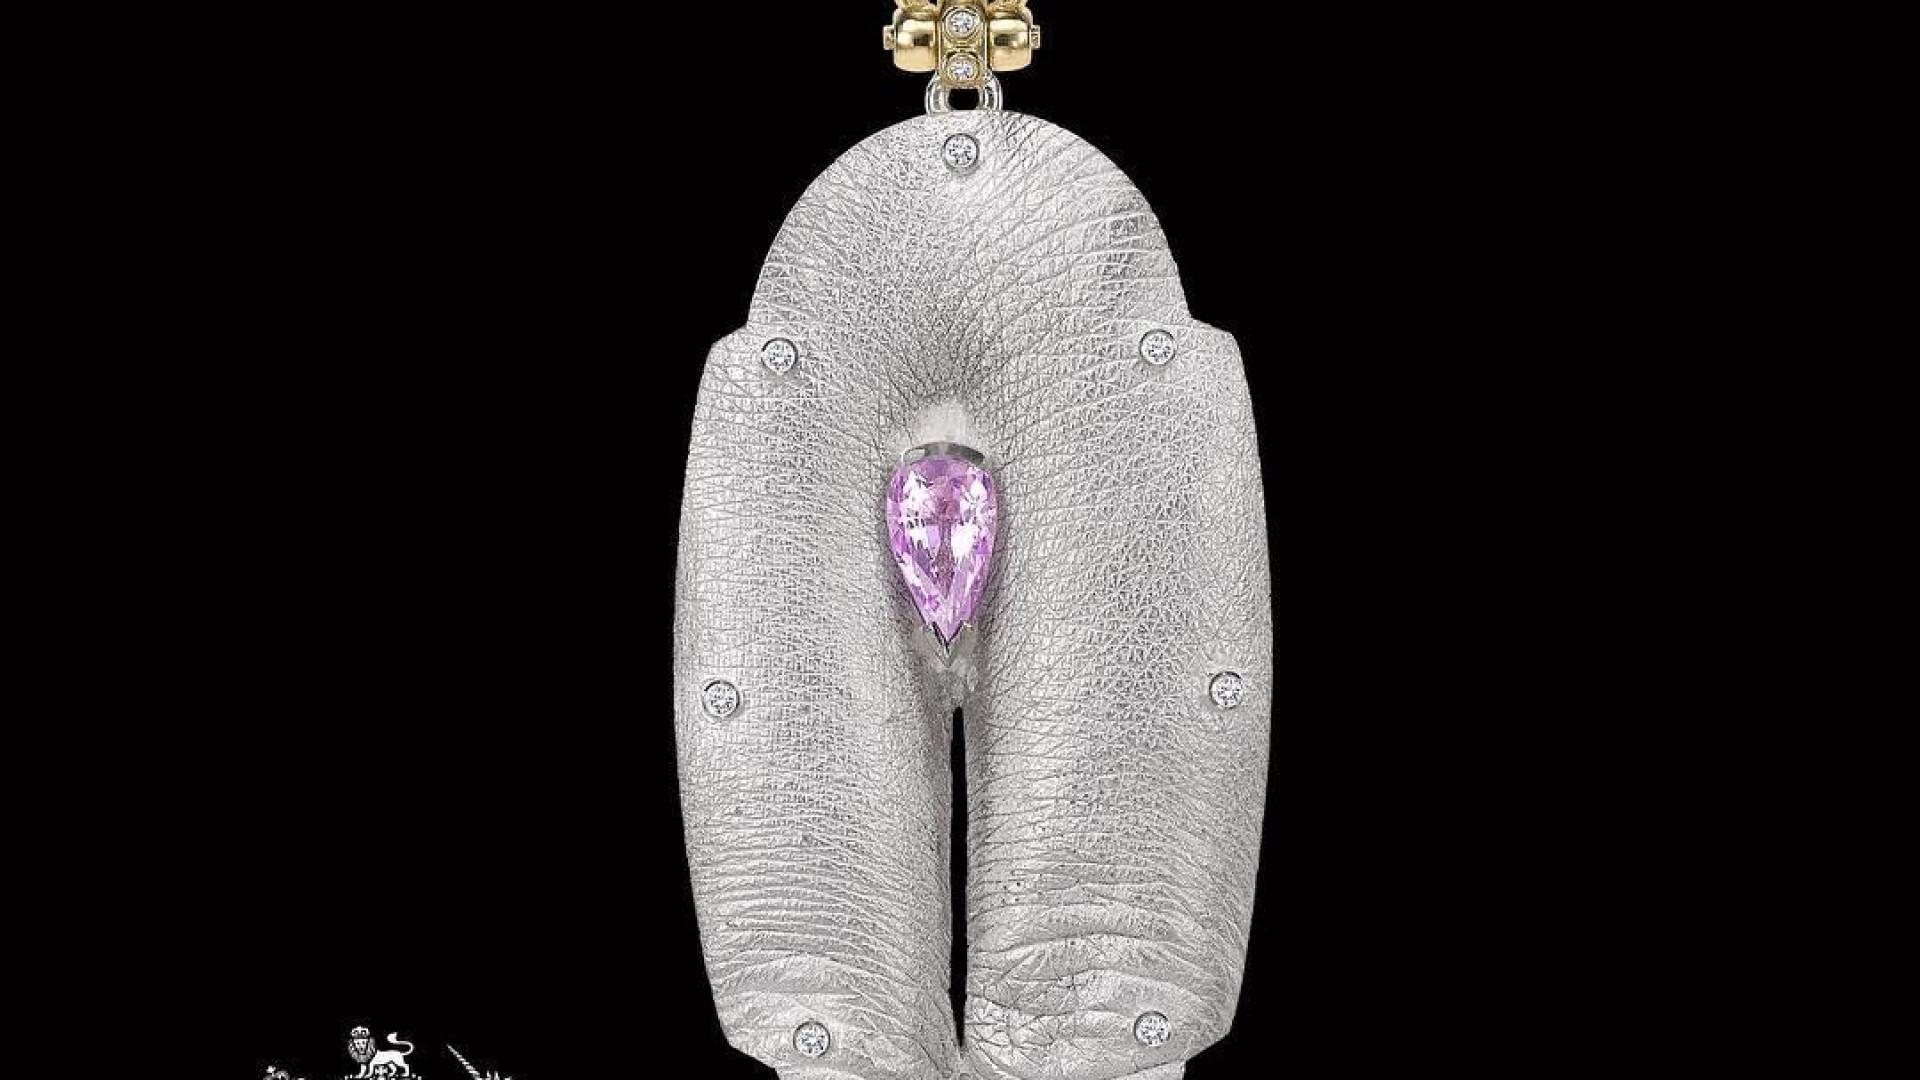 Peça de joalharia parece uma vagina está a gerar controvérsia